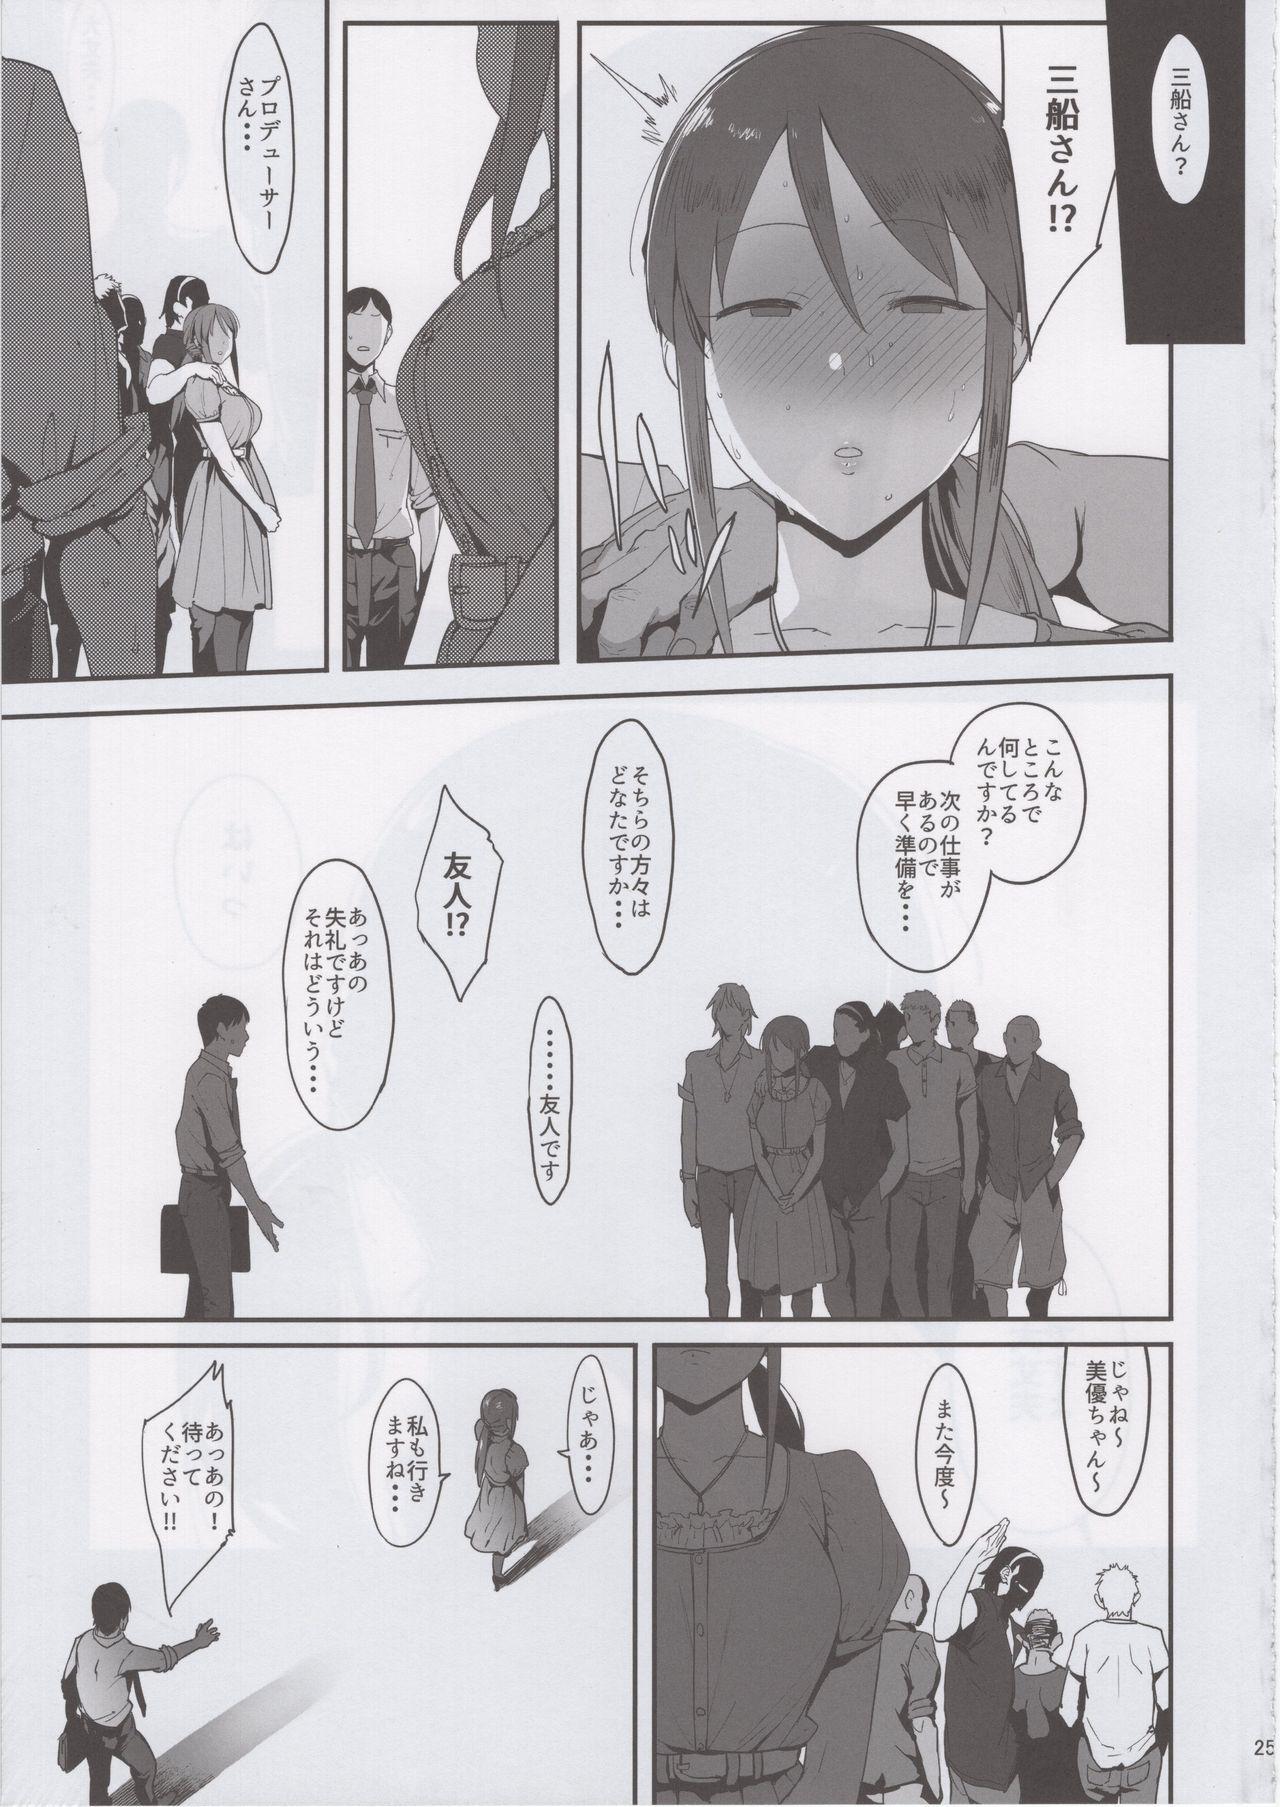 Mifune Miyu no Koukai 53